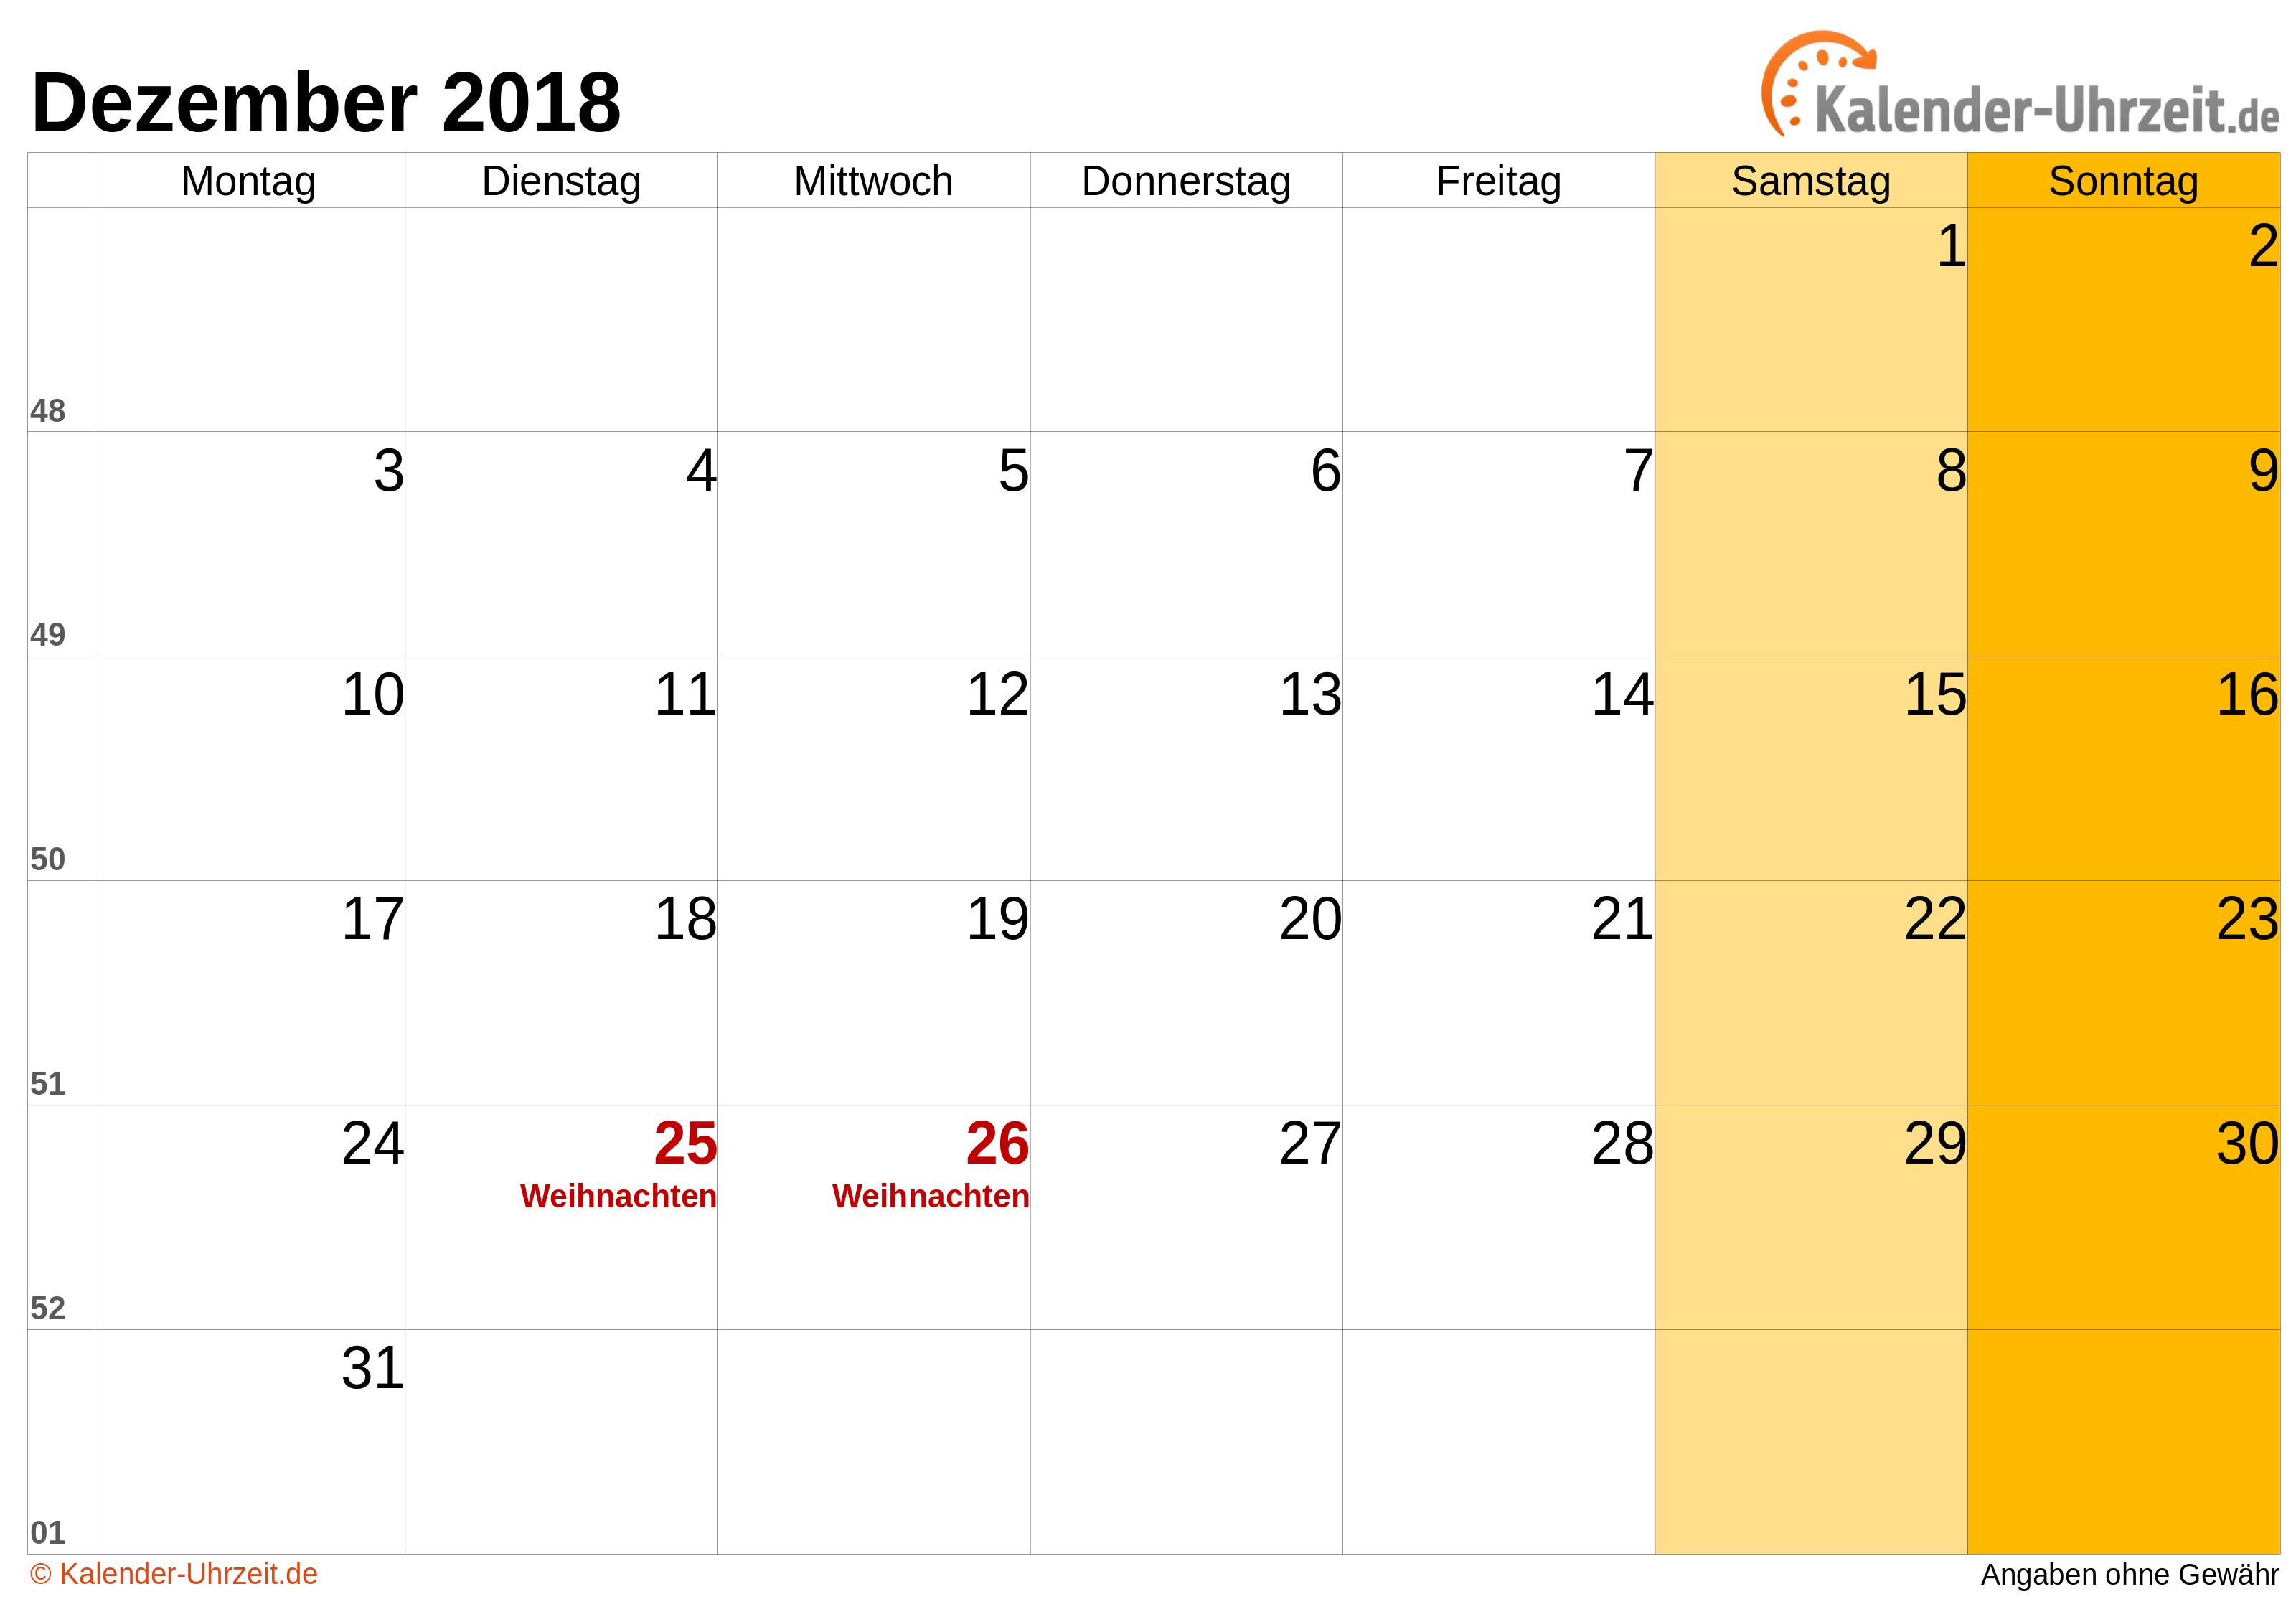 weihnachten 2018 kalender Dezember 2018 Kalender mit Feiertagen weihnachten 2018 kalender